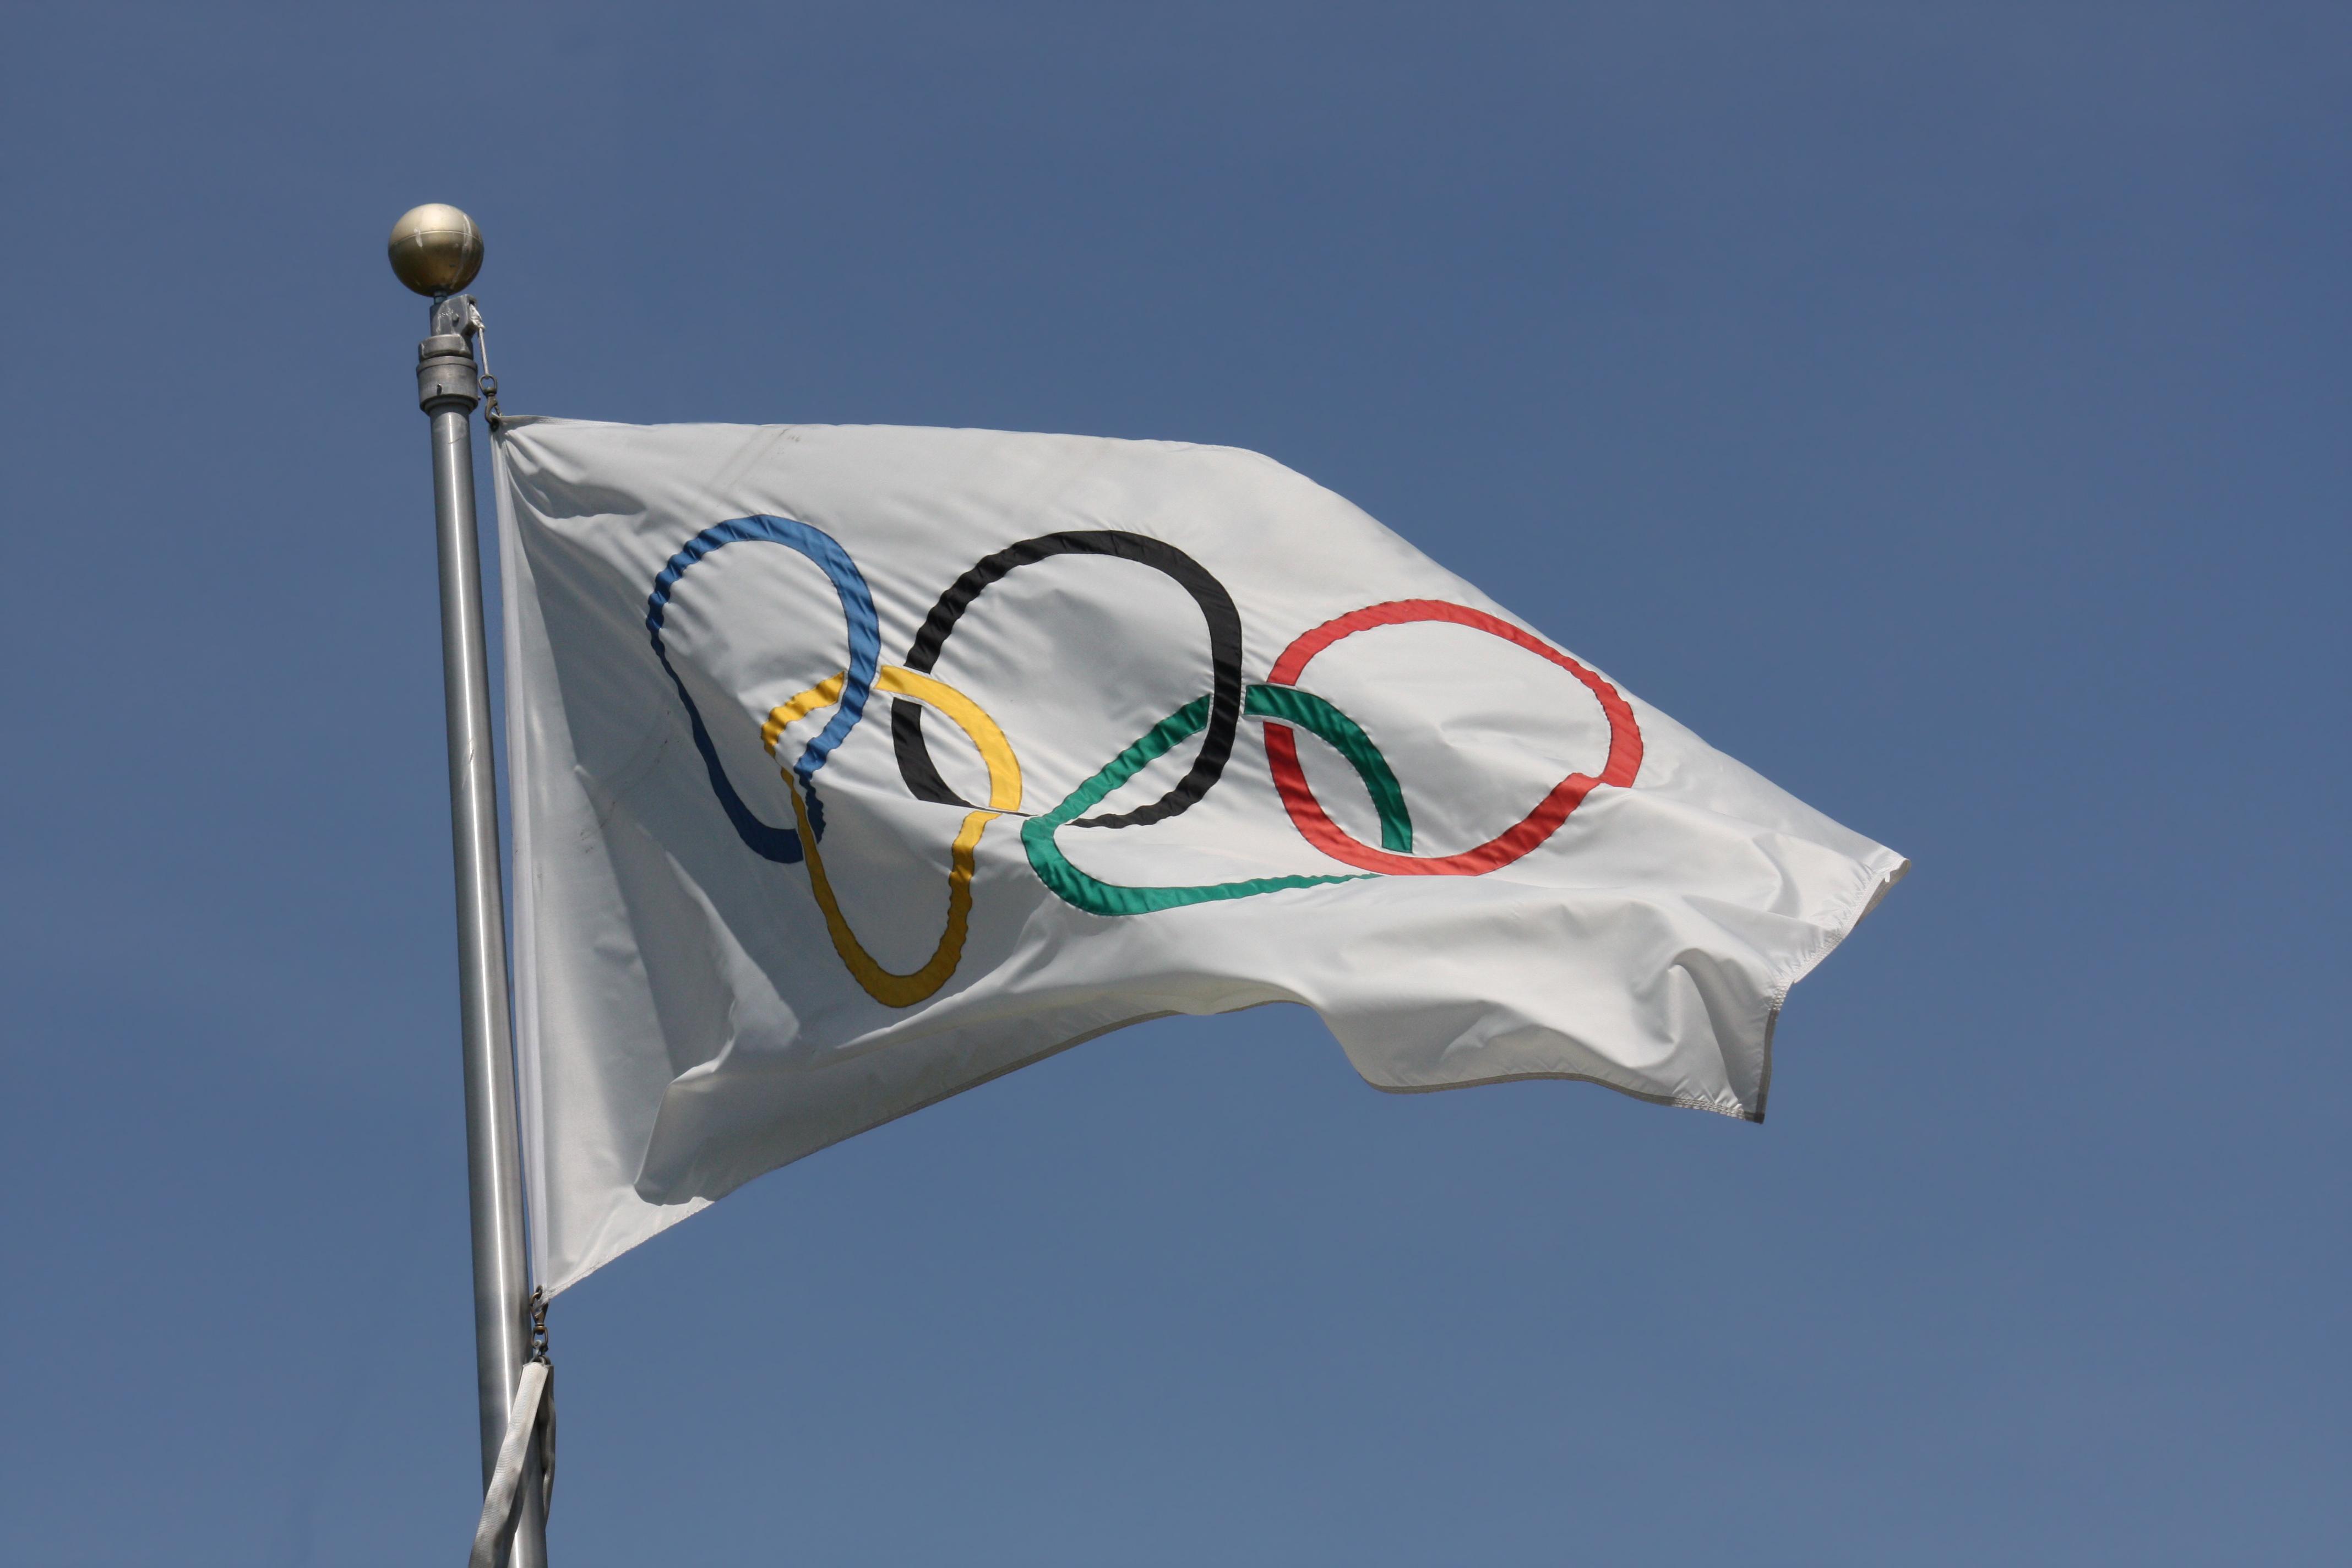 летняя олимпиада в лондоне результаты